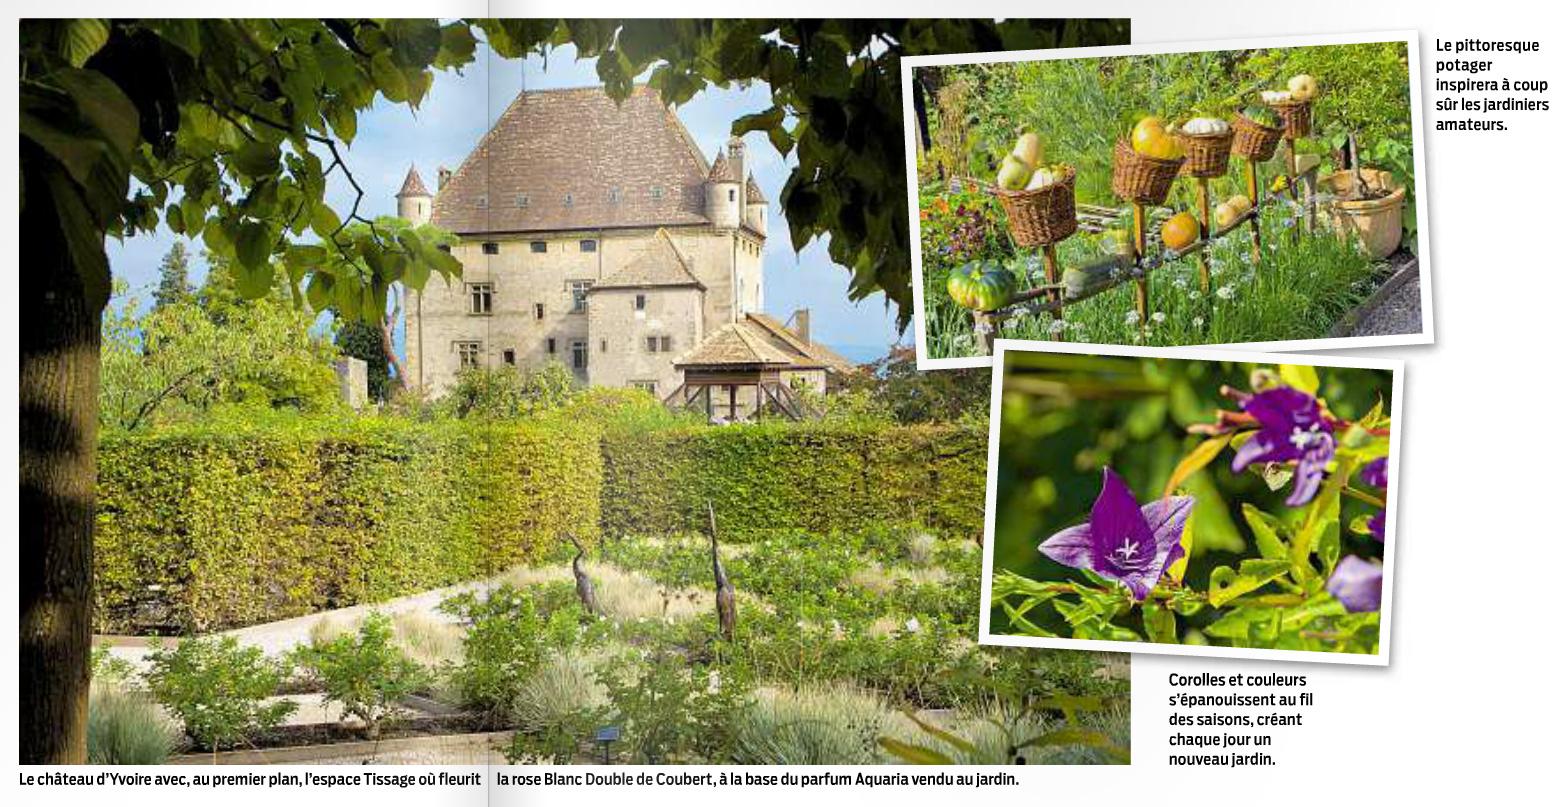 Article sur le Jardin dans le magazine Migros d'avril 2012.